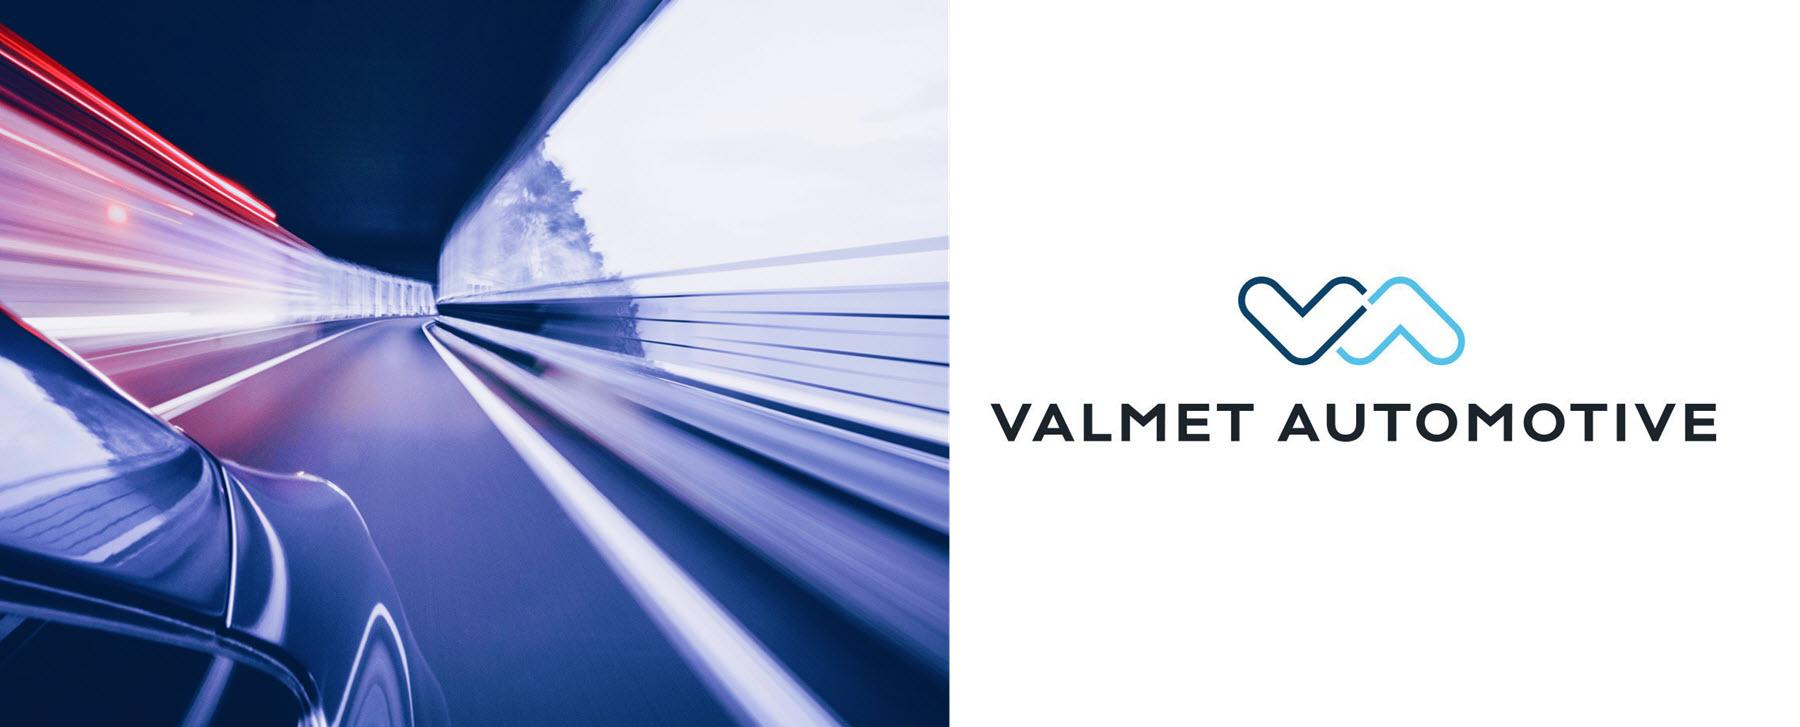 Valmet Automotive Main